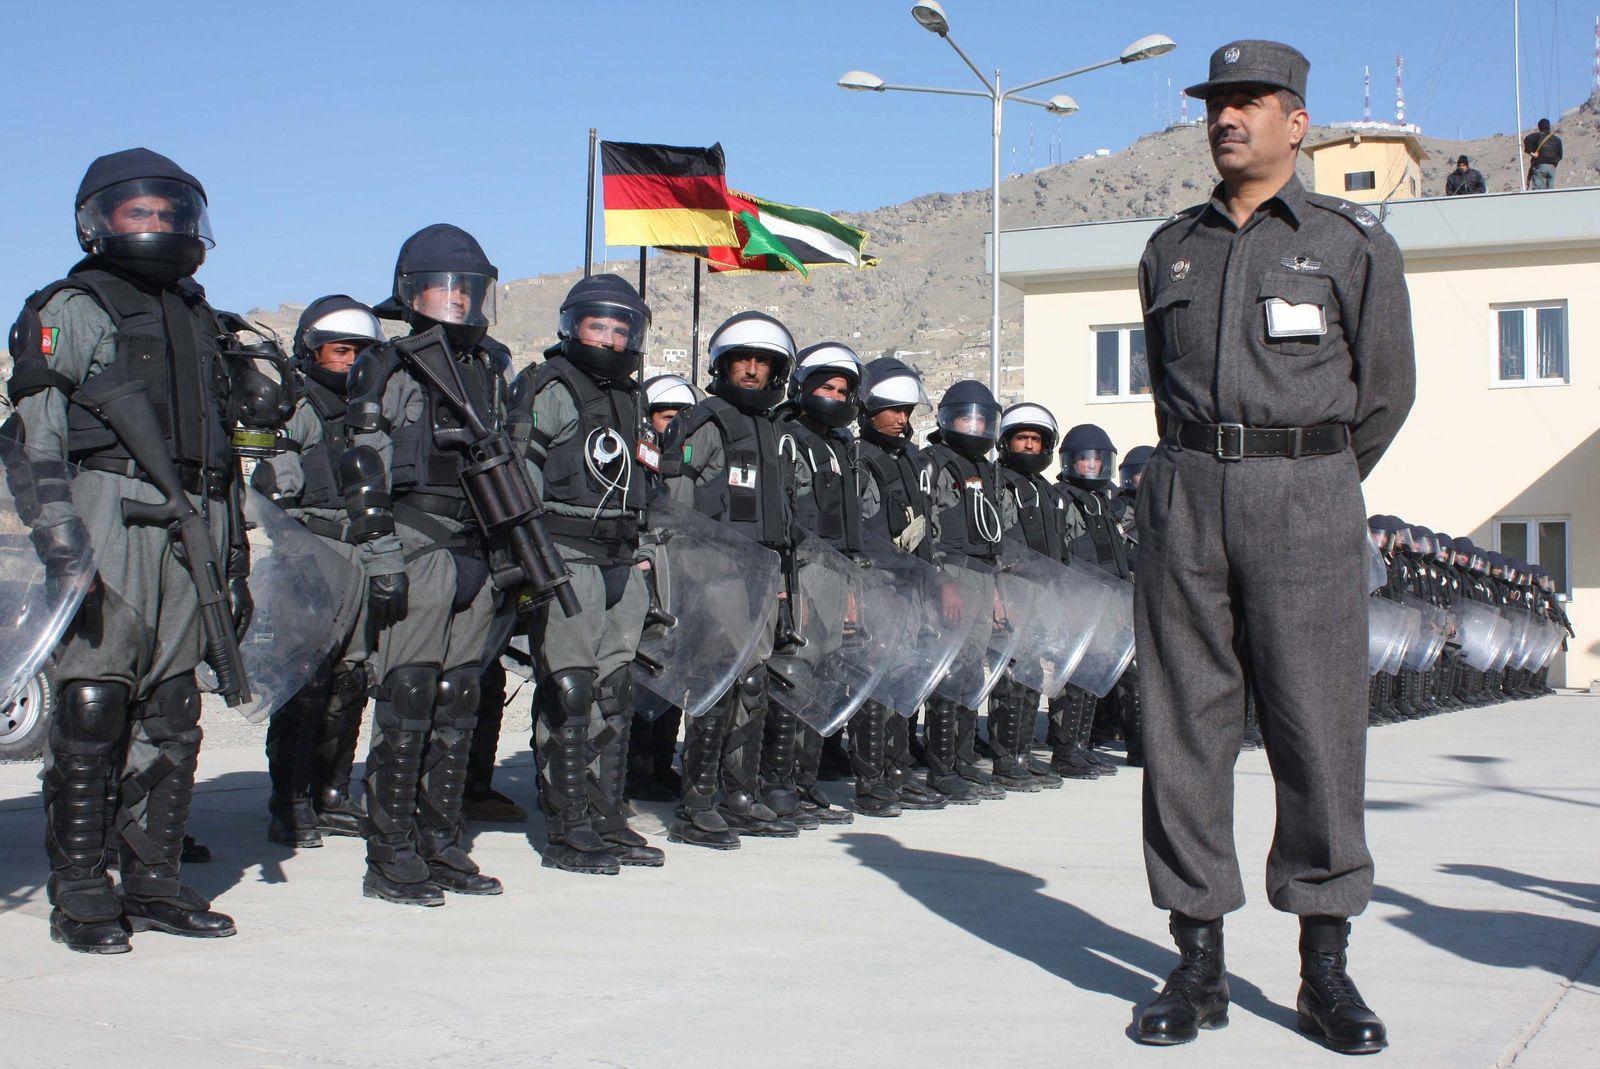 Afghanistan/ Polizei/ Ausbildung